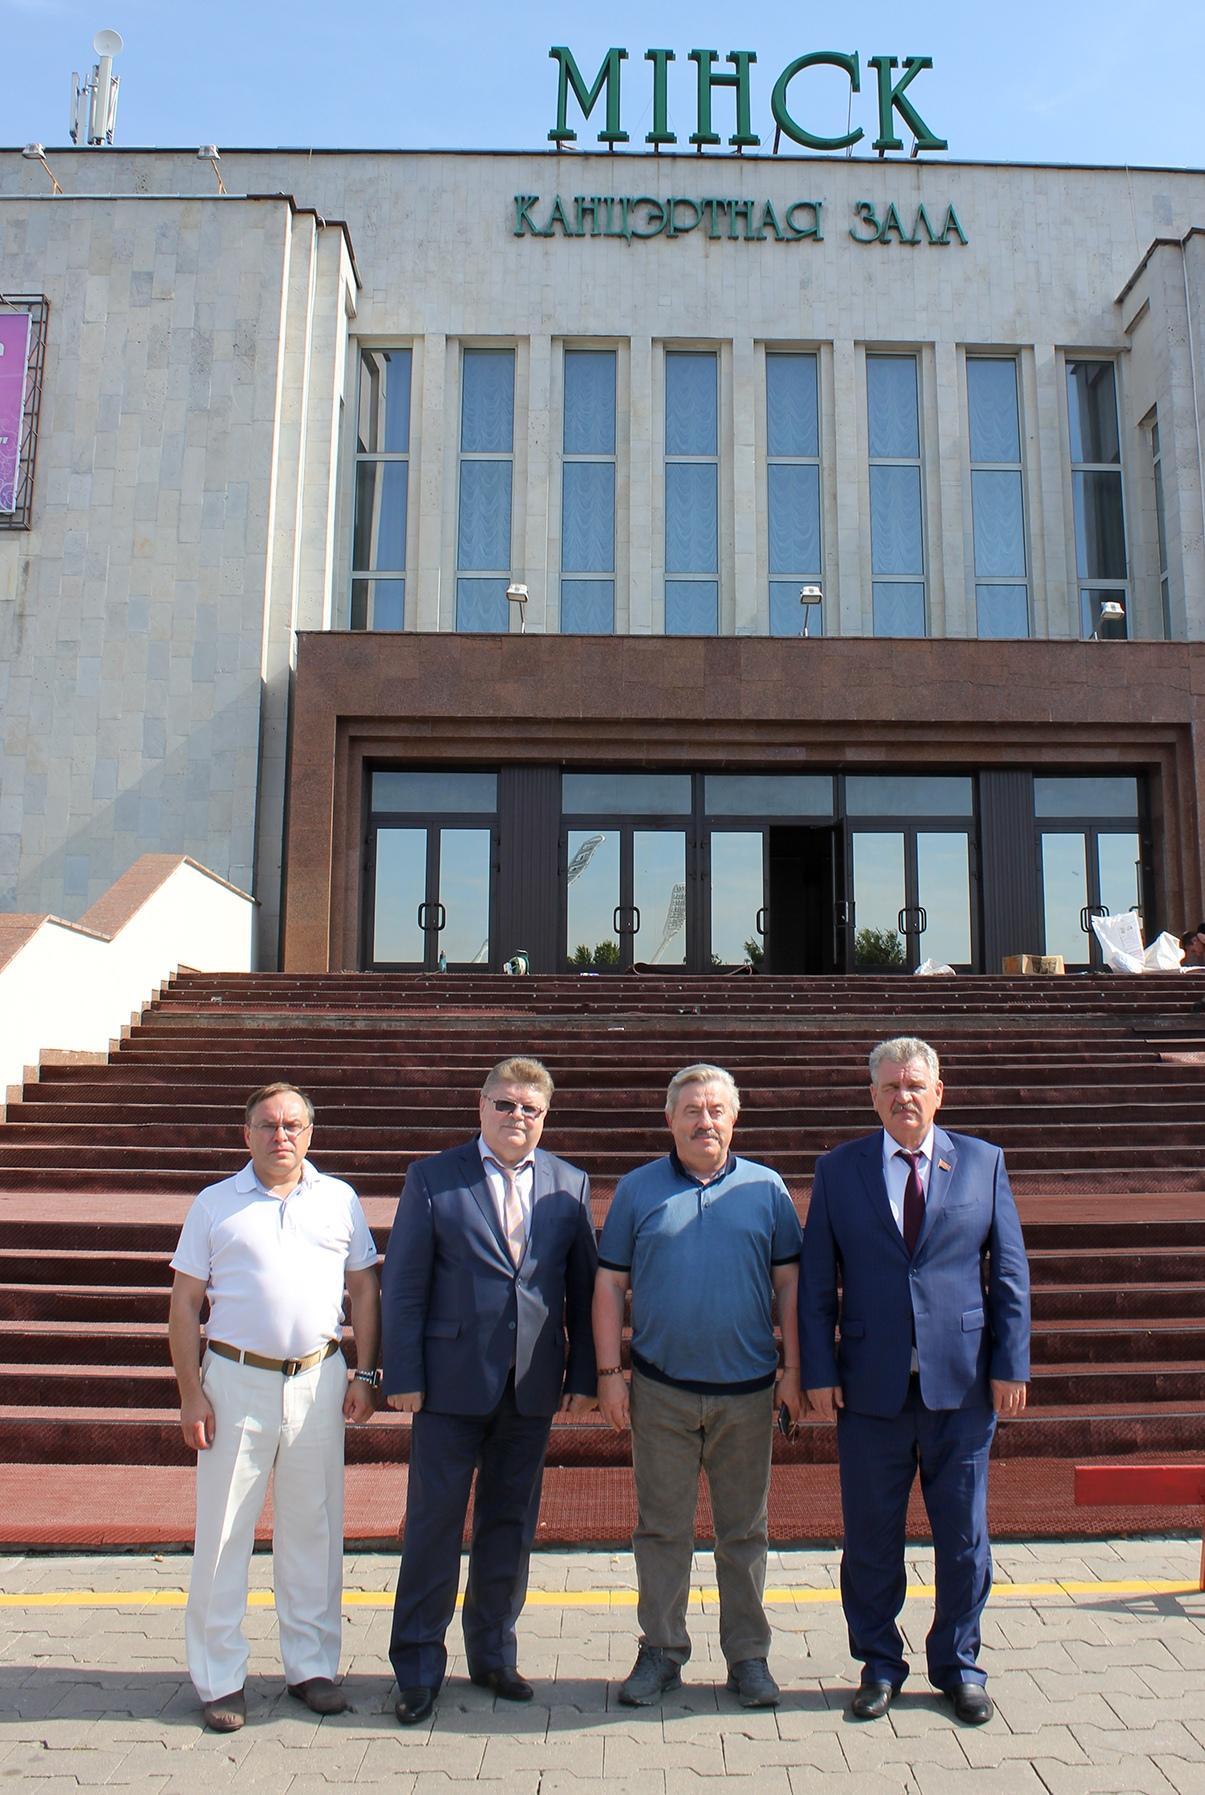 Från höger till vänster är N. Ulakhovitj, V. Vodolatskij, L. Makurov